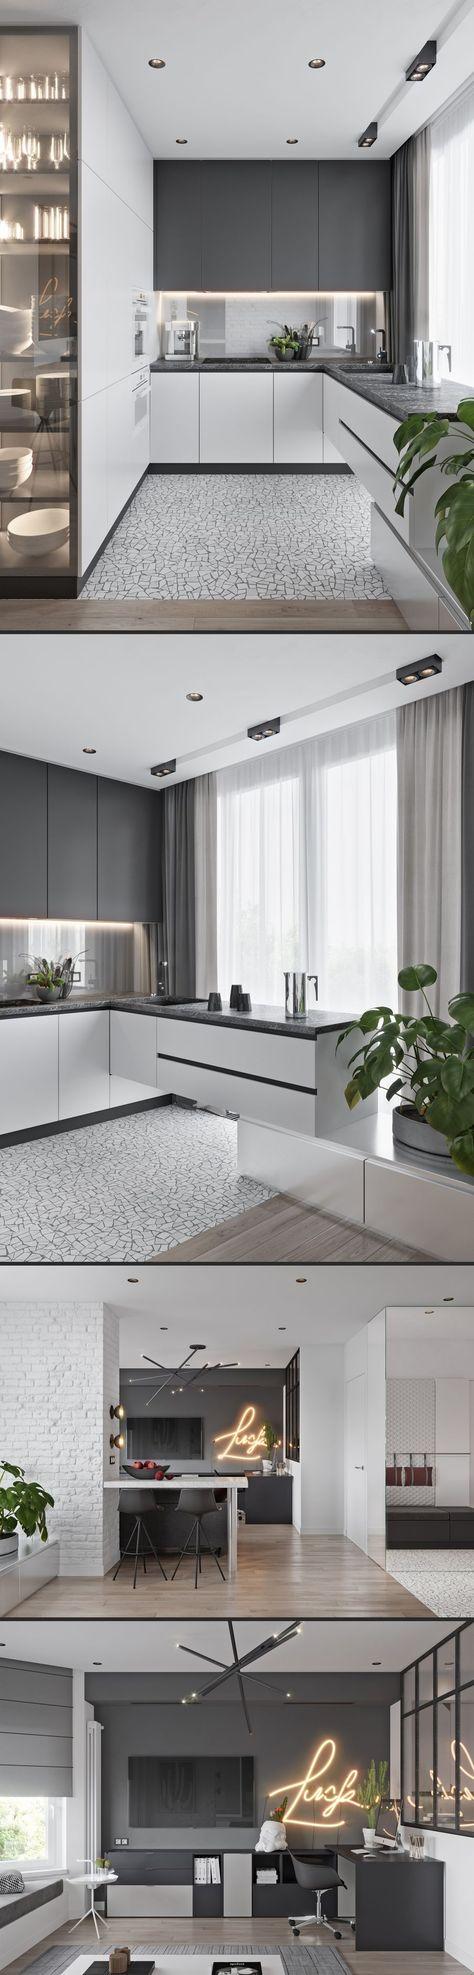 386 best kchen images on pinterest kitchen ideas kitchens and future house - Corian Countertops Bauernhaus Waschbecken